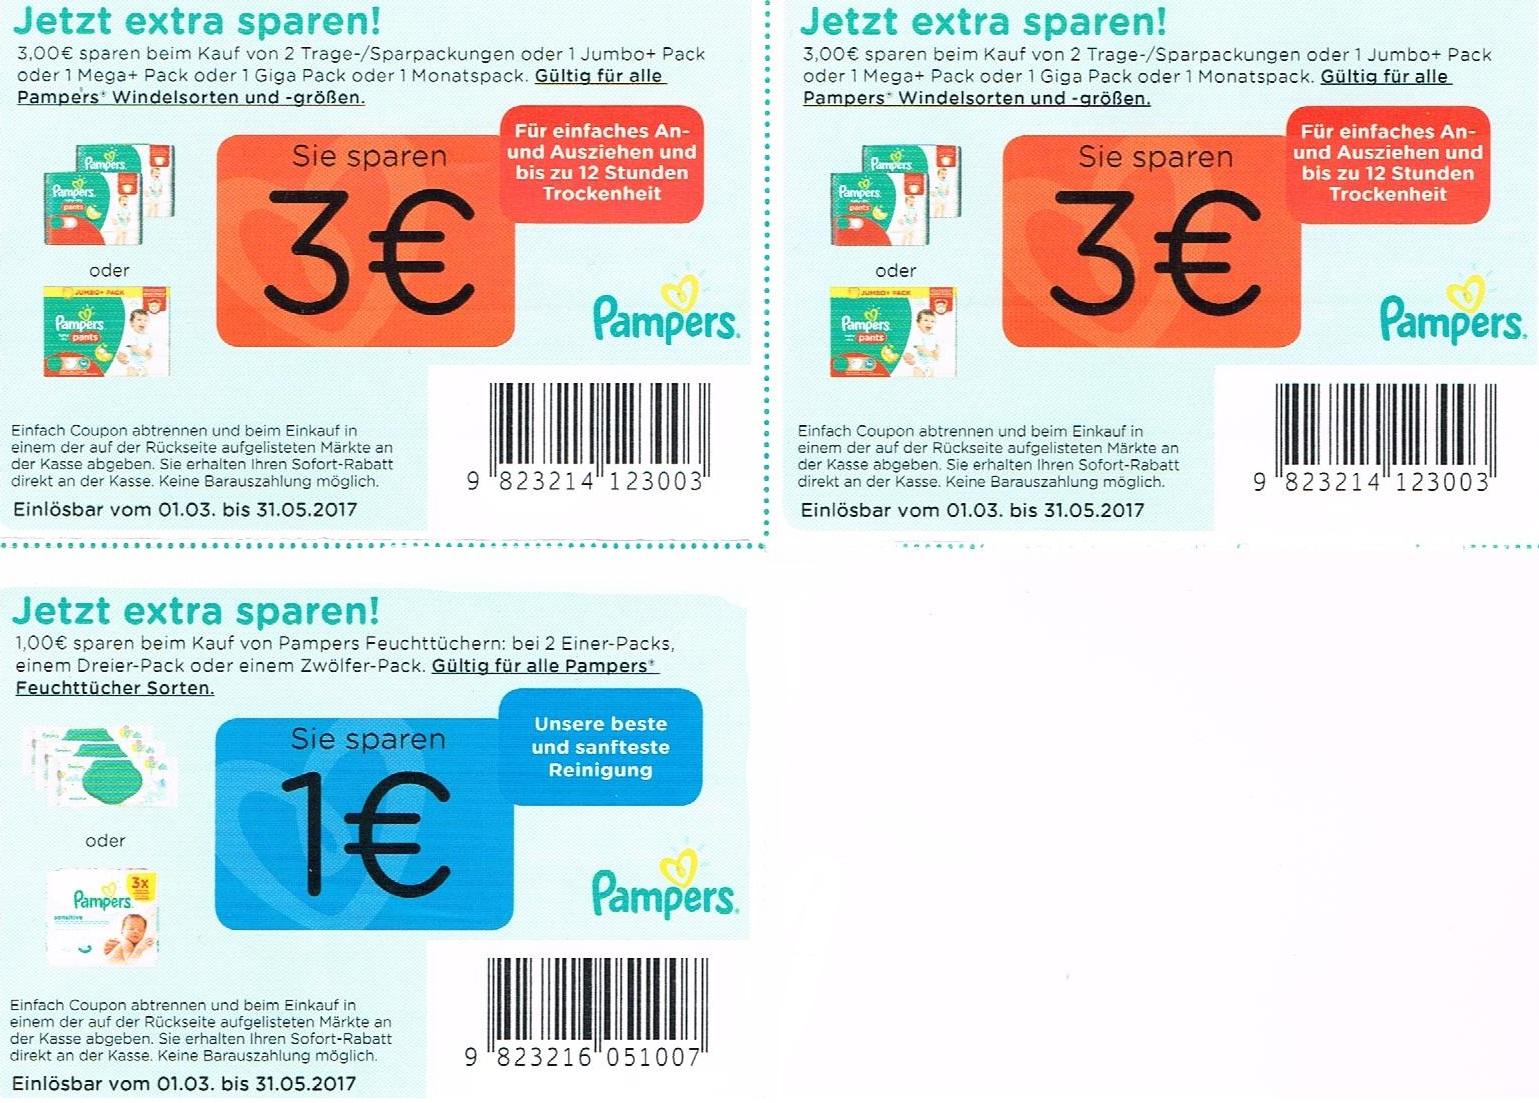 3€ Pampers Gutscheine für alle Windelsorten + Feuchttüchern Gutschein - gültig bis 31.05.2017